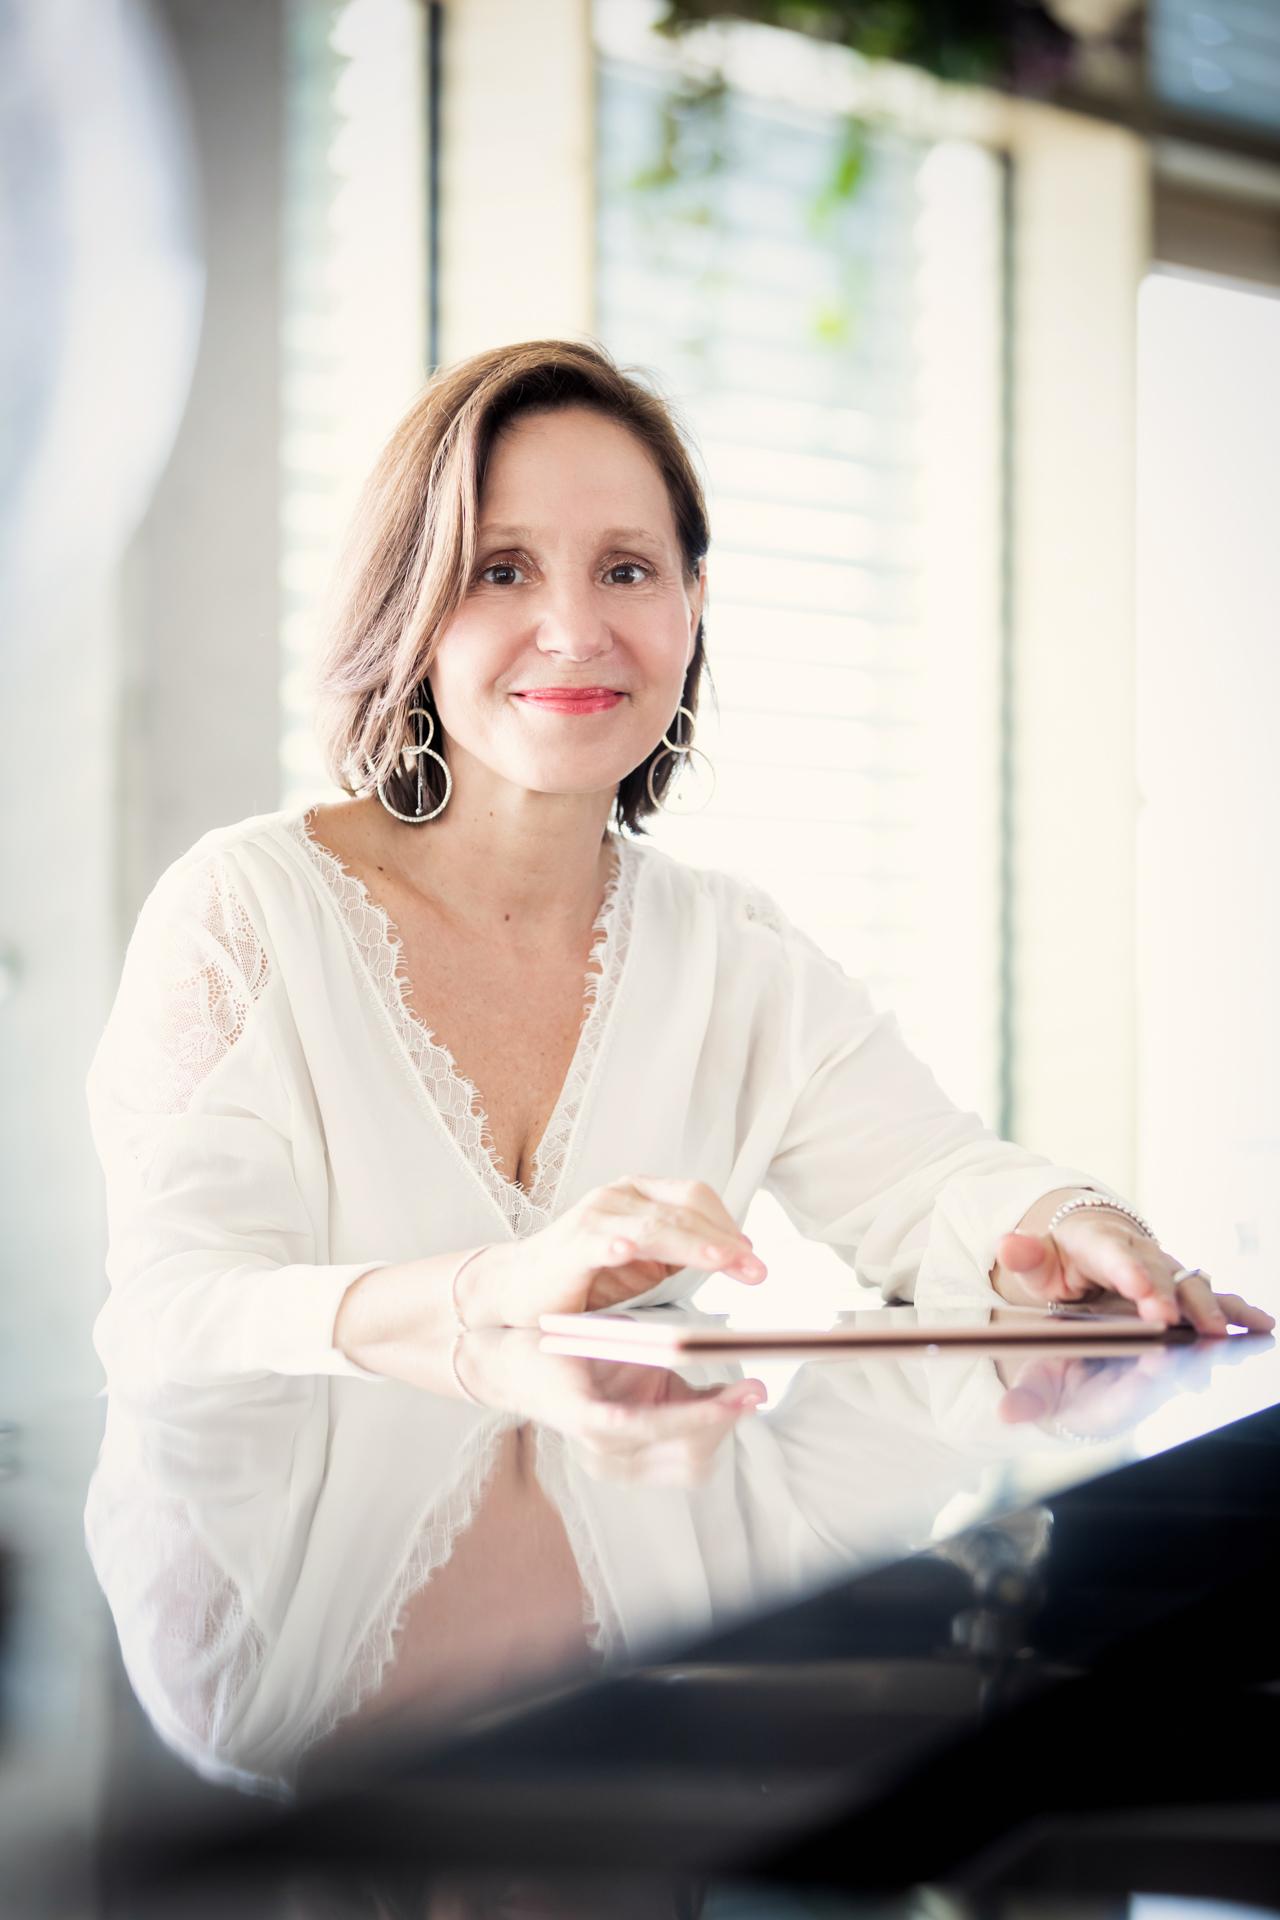 Mentorin und persönlicher Coach Christine Rudolph bei der Arbeit am Laptop